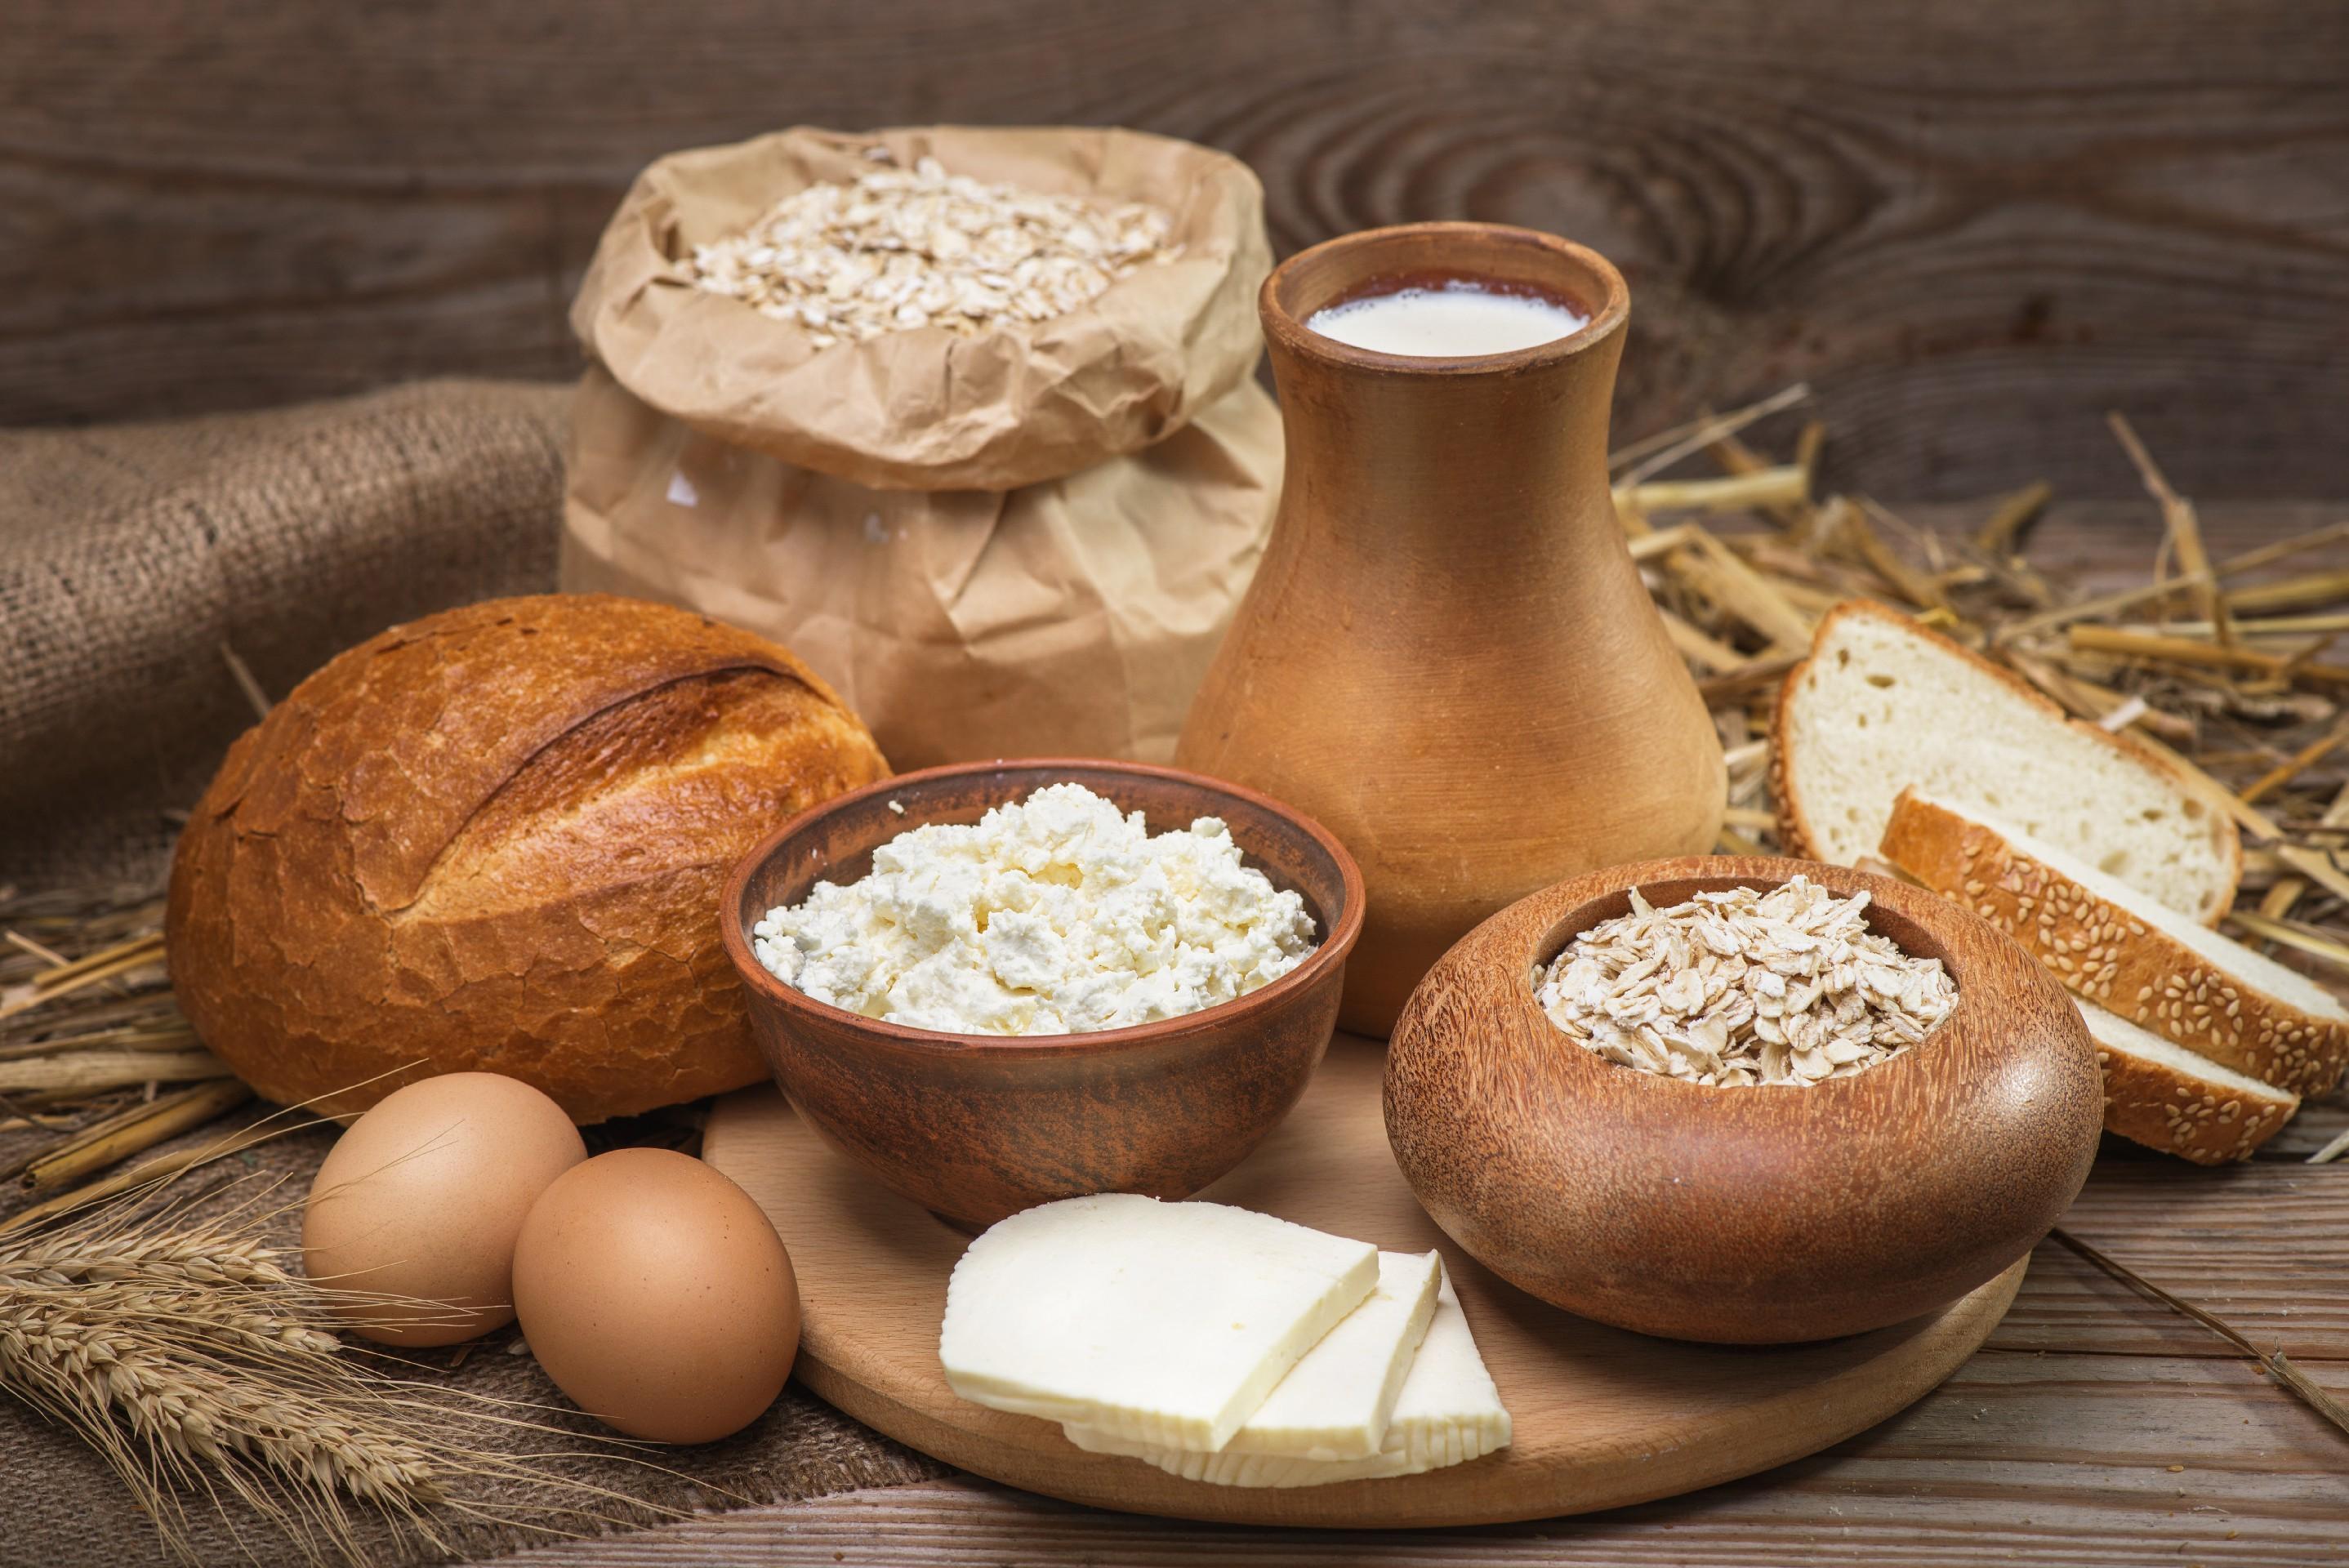 картинка деревенские продукты здесь влюблённые назначают